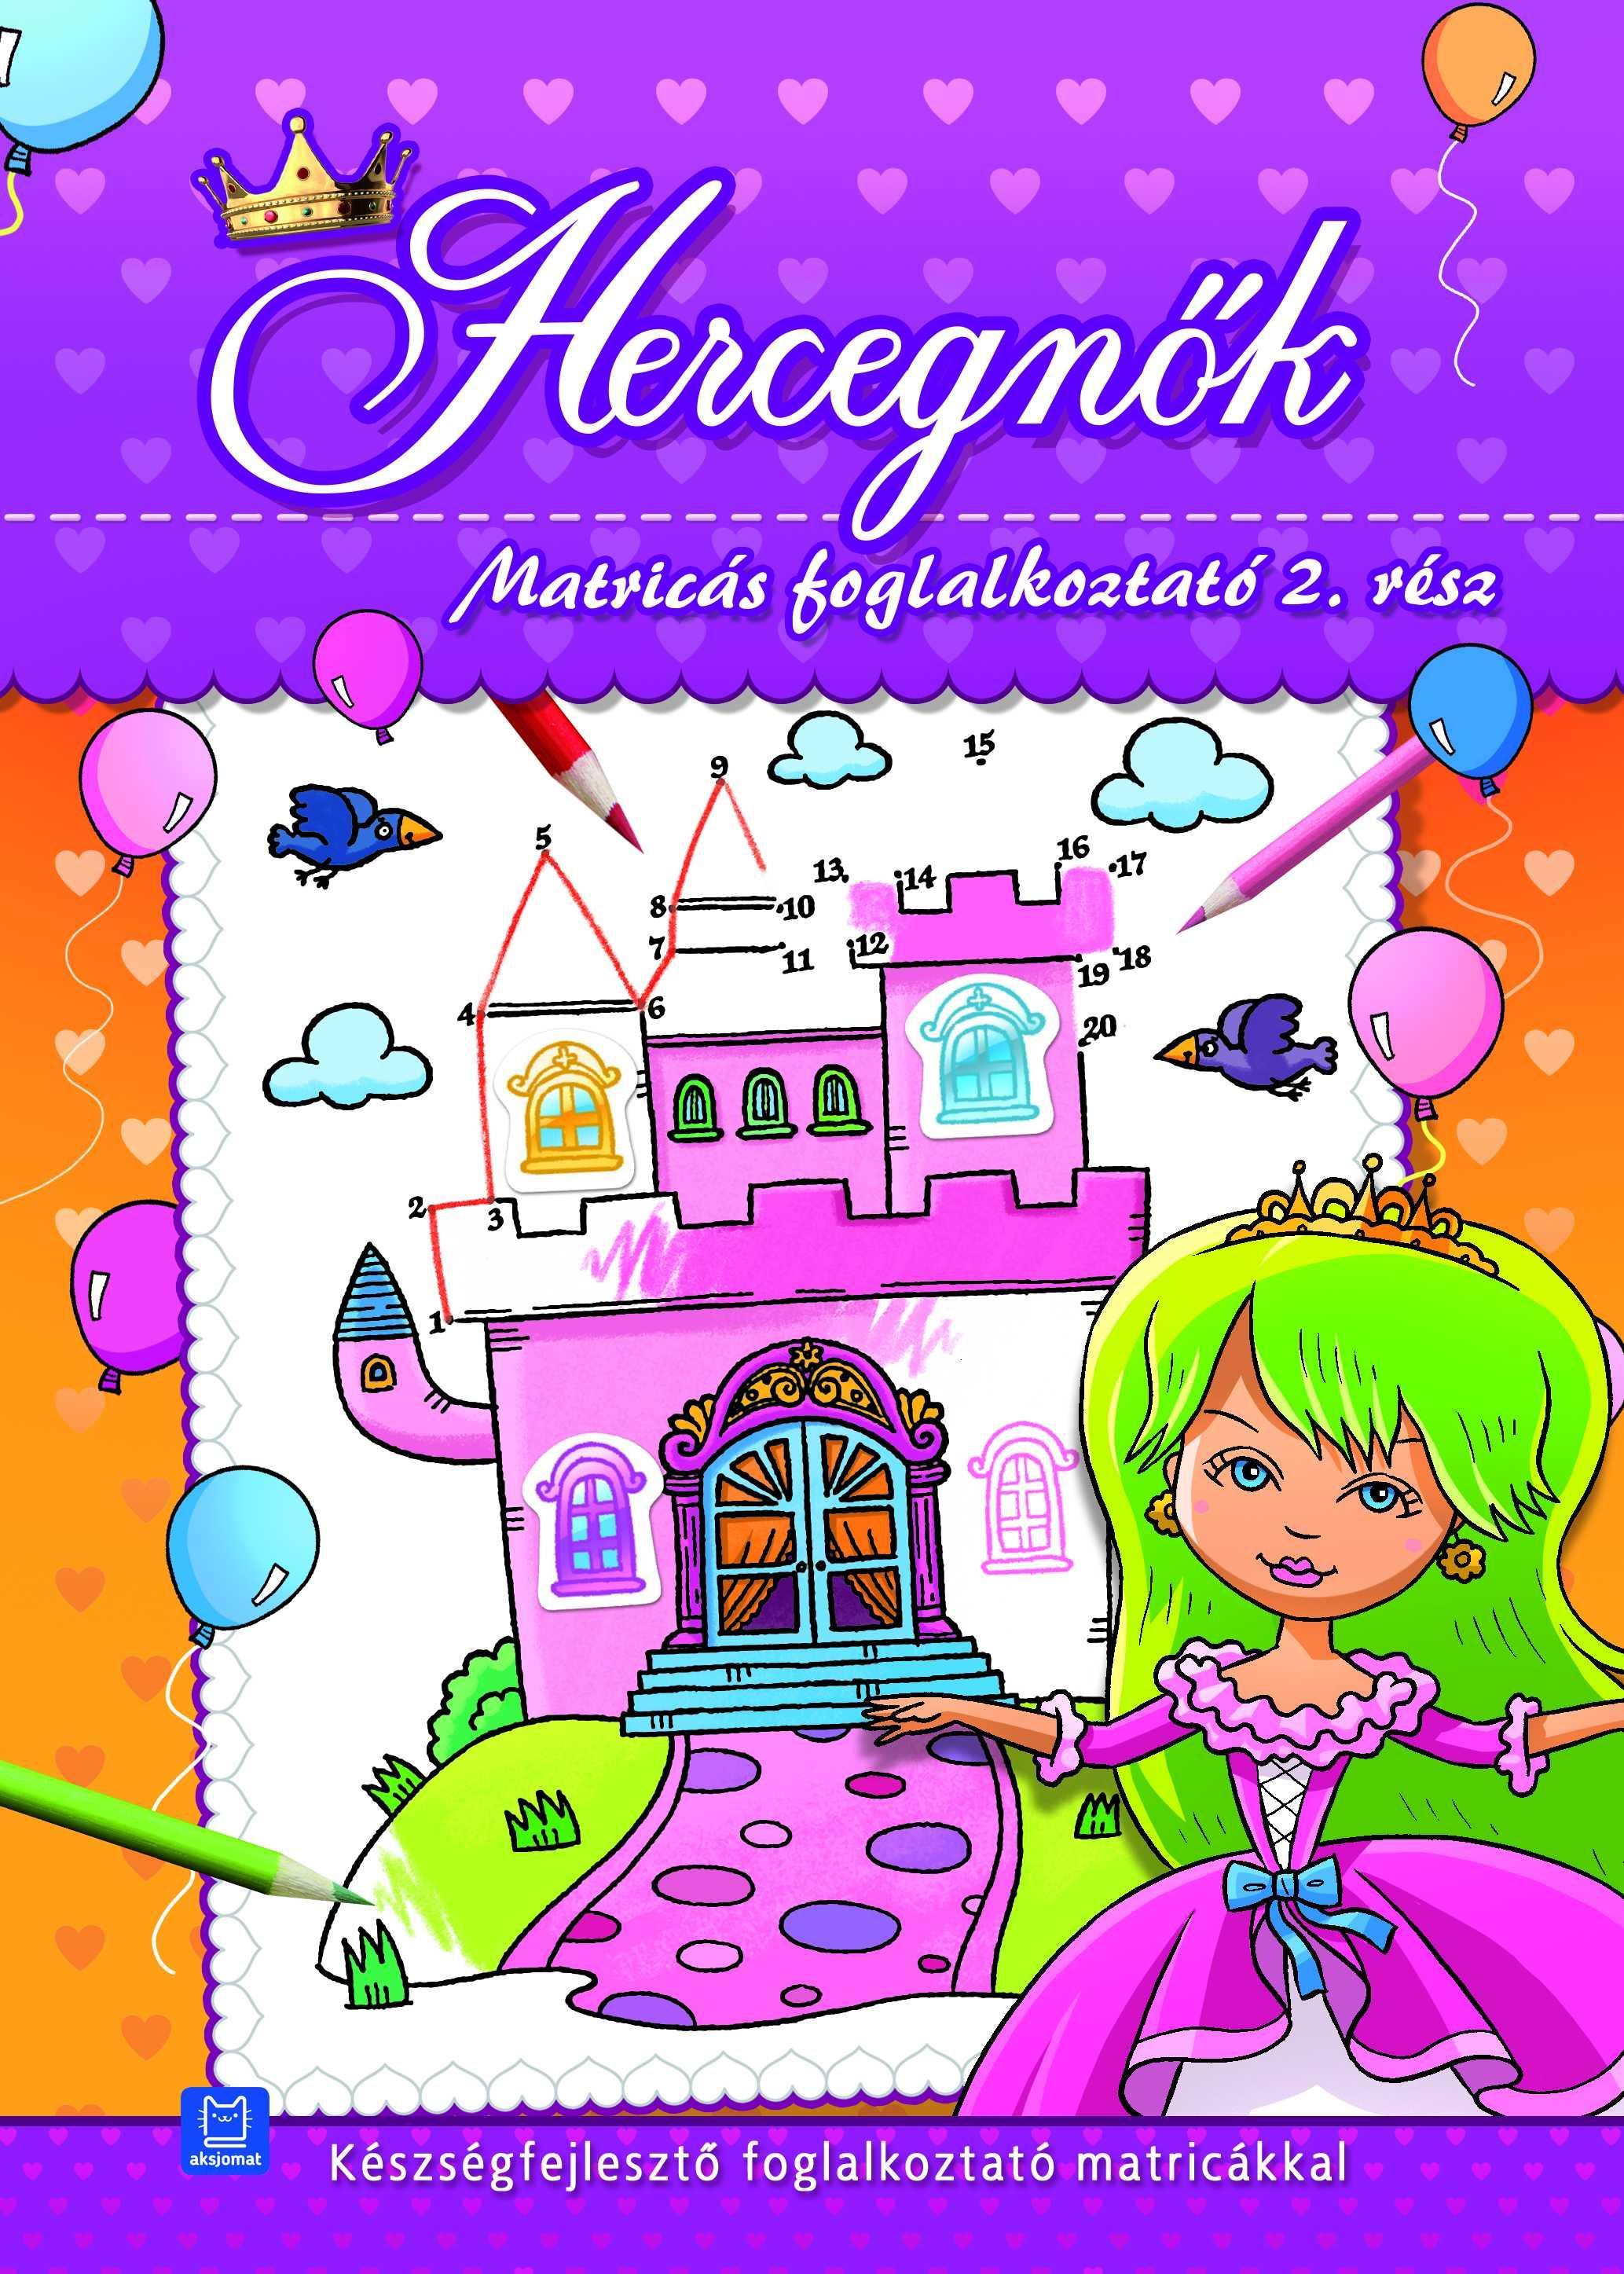 HERCEGNŐK - MATRICÁS FOGLALKOZTATÓ 2. RÉSZ